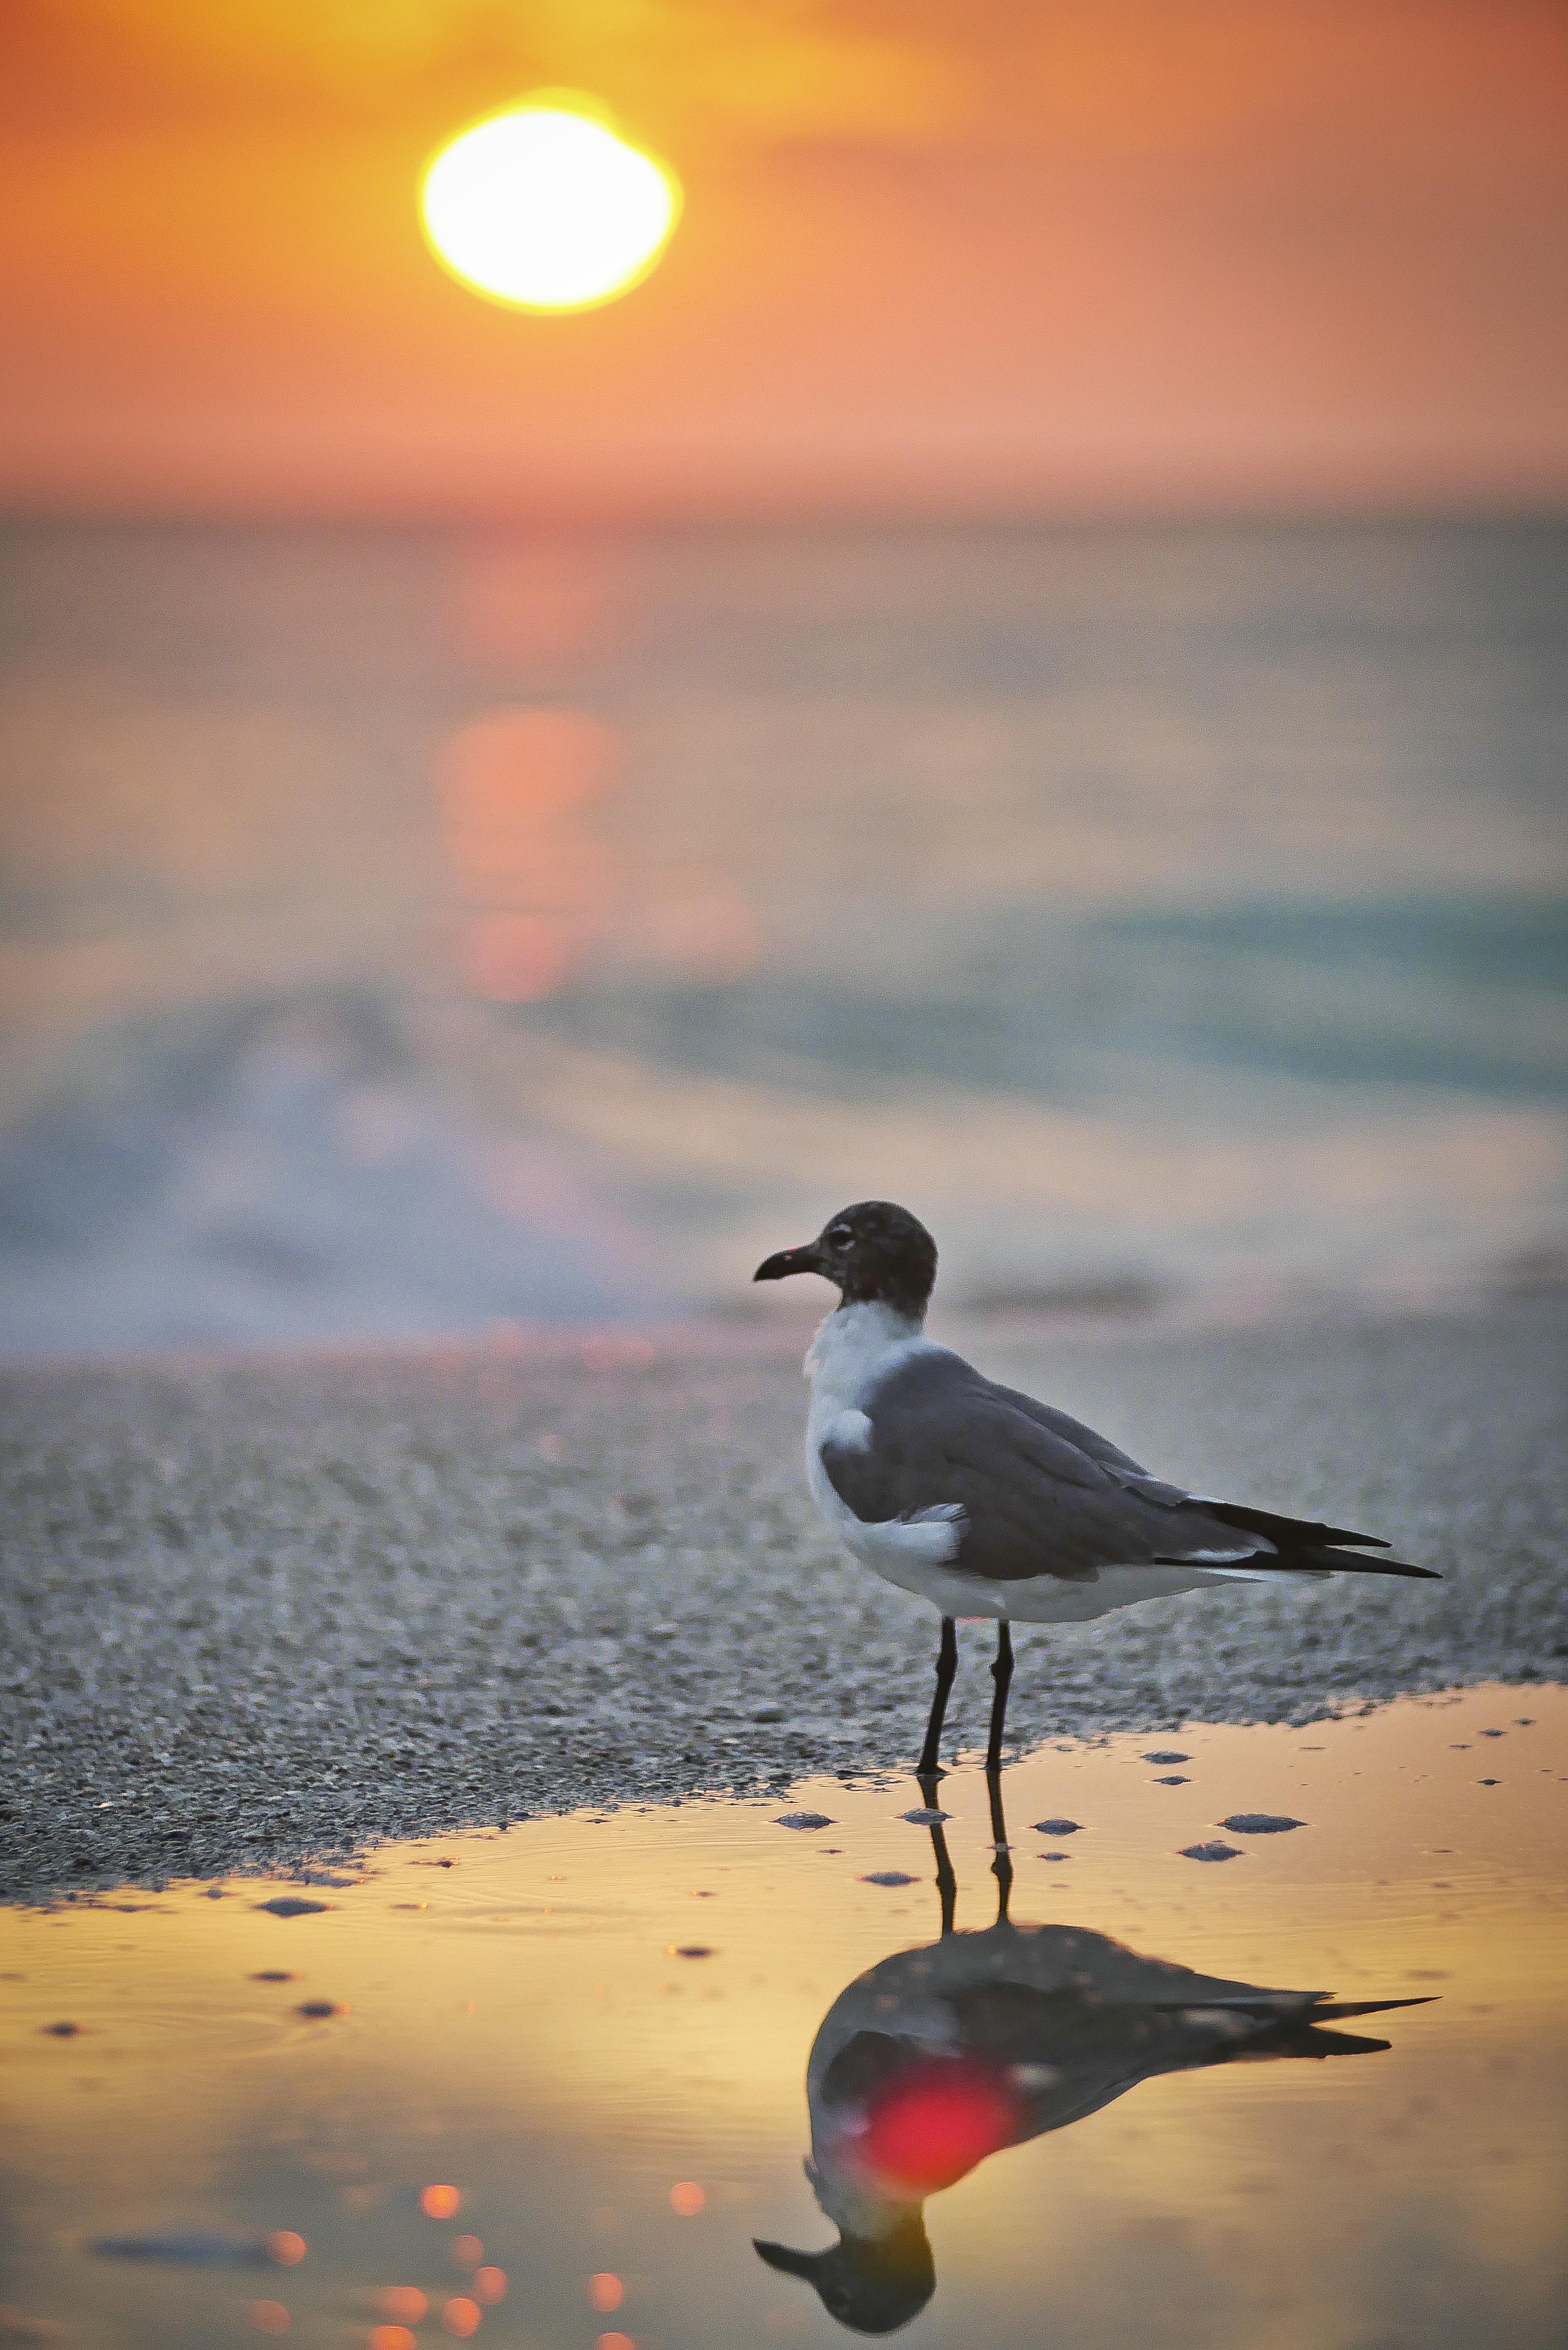 Bonaparte gull sunset reflection